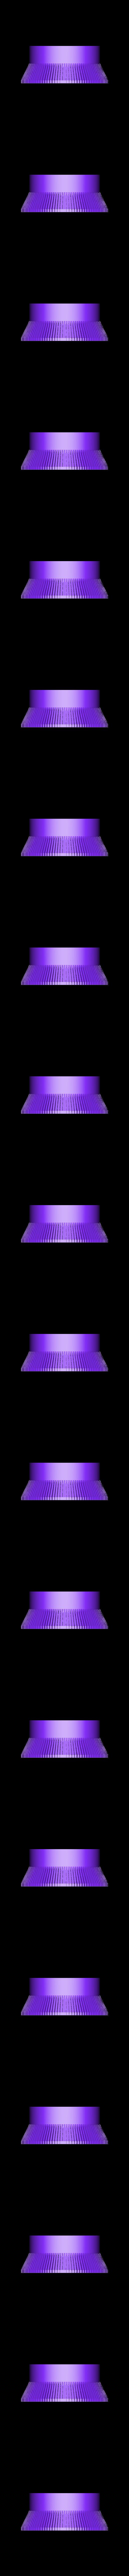 nut.stl Télécharger fichier STL gratuit Recycleur de bobines de filaments • Design pour imprimante 3D, theveel